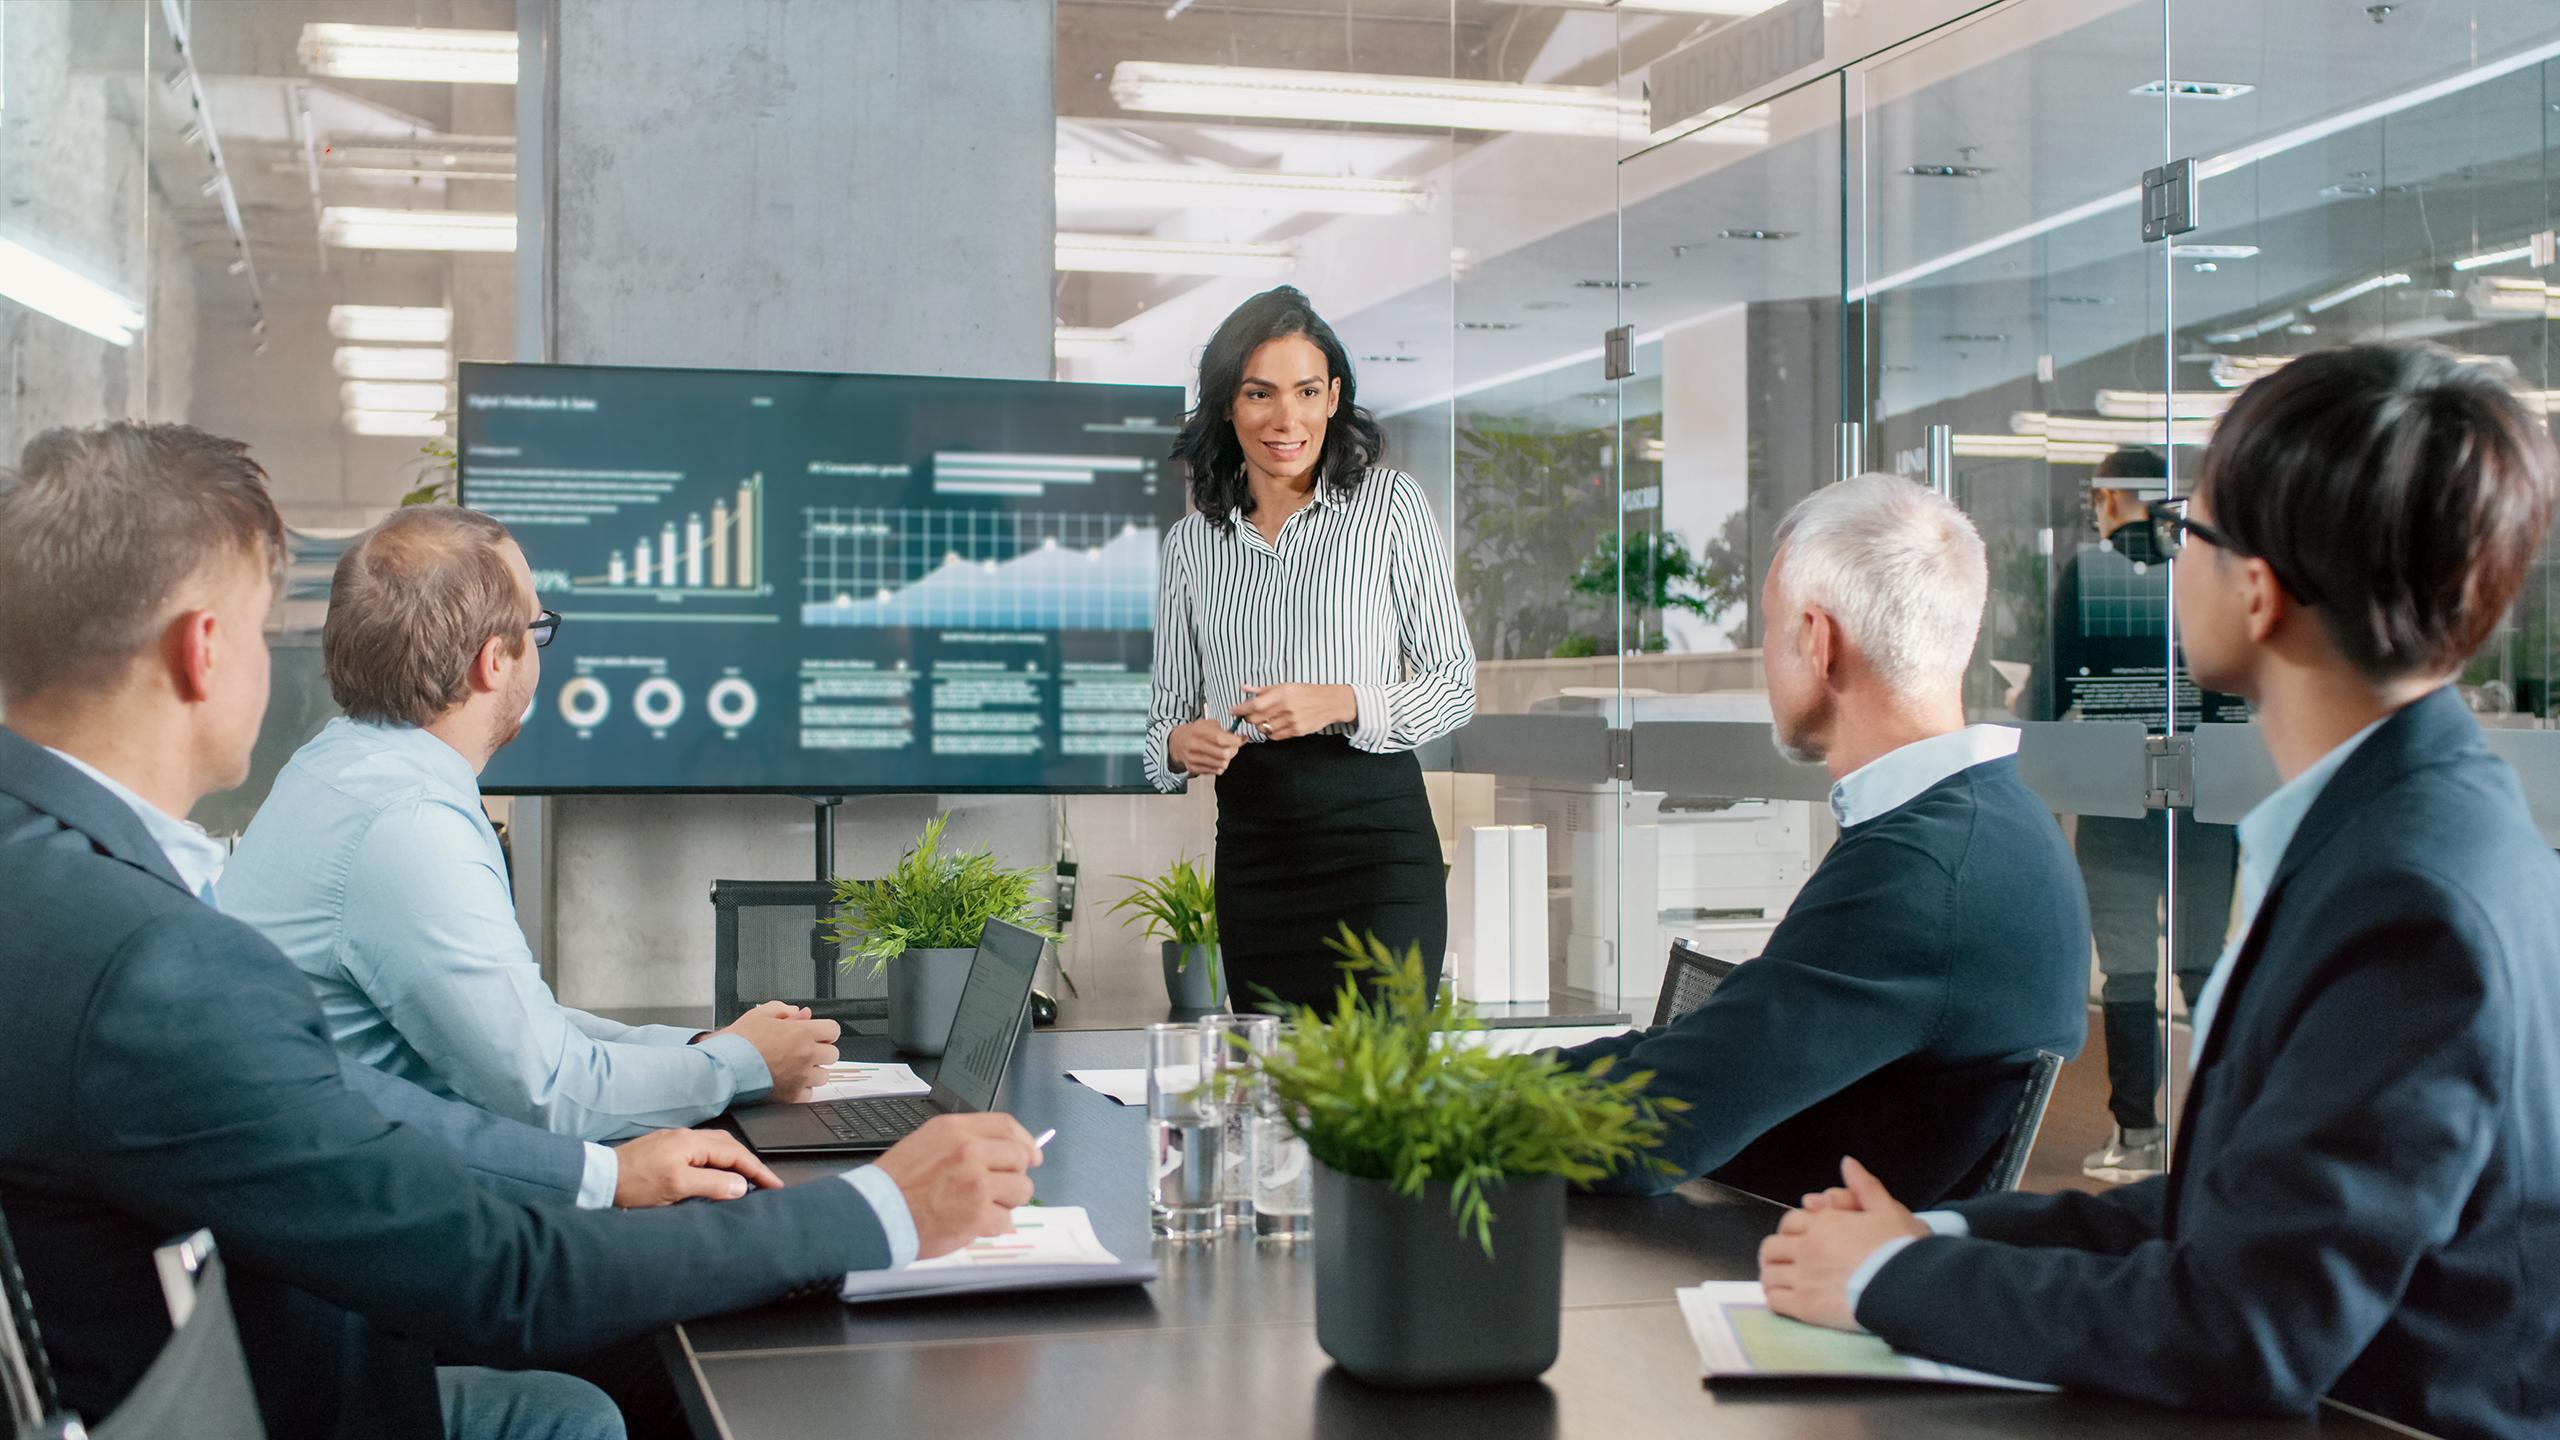 Voittajatiimin takana on henkilöstön kehittäminen ja osaamiskartoitus